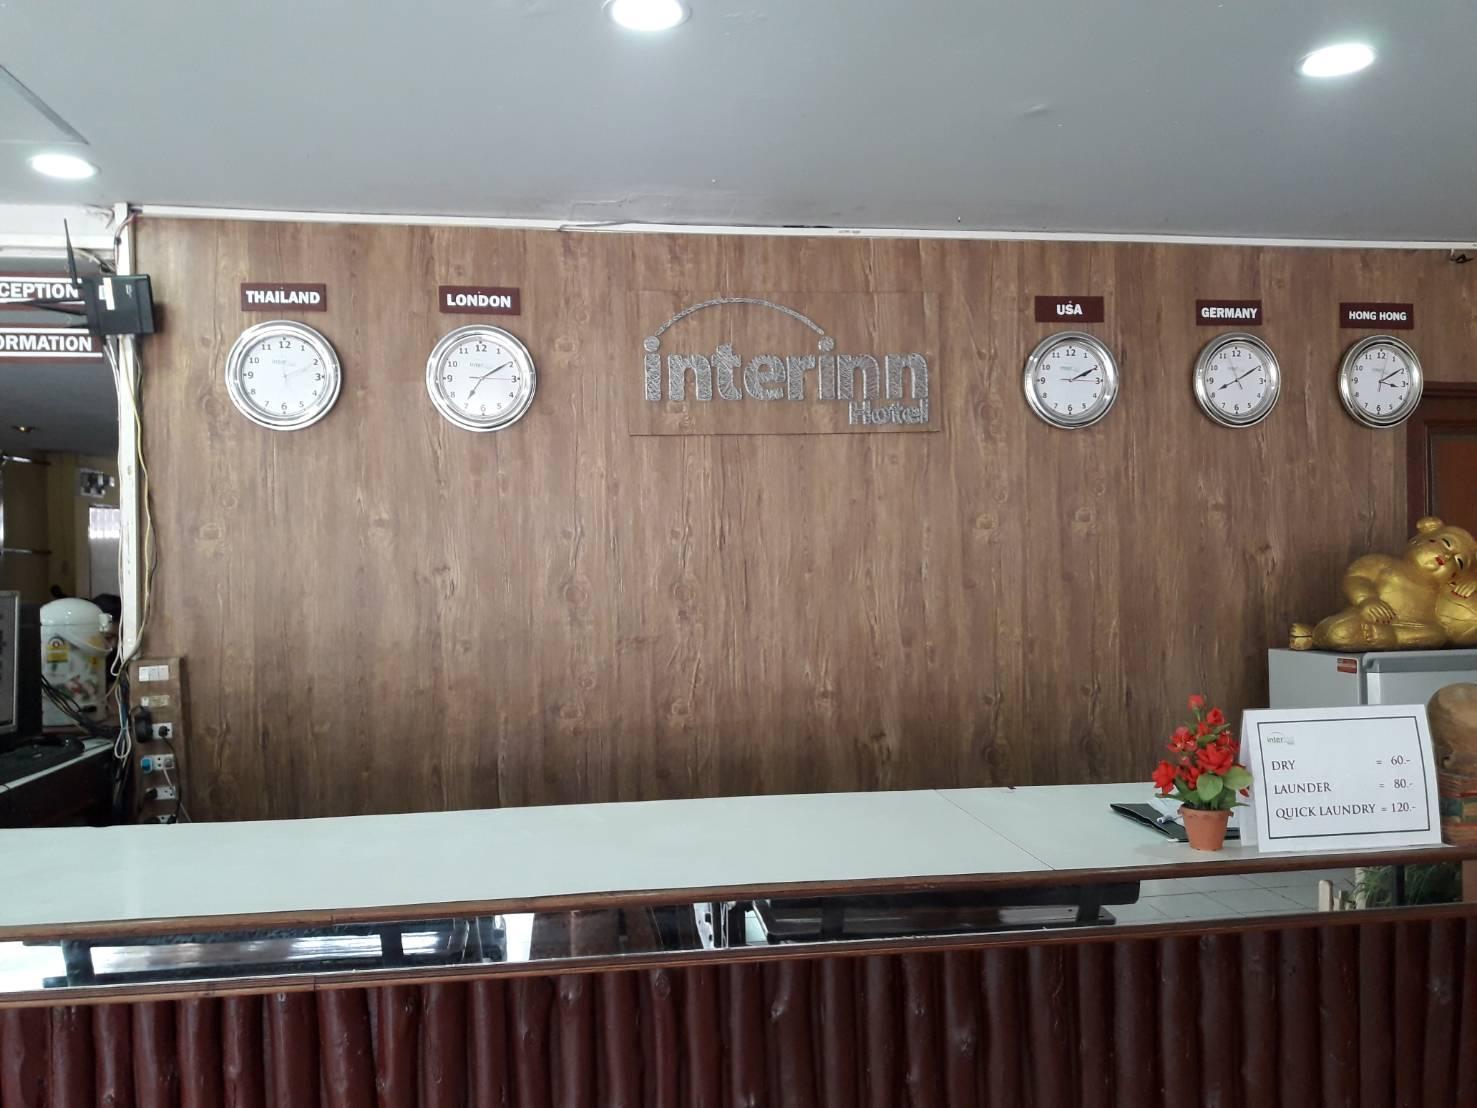 Inter Inn Hotel